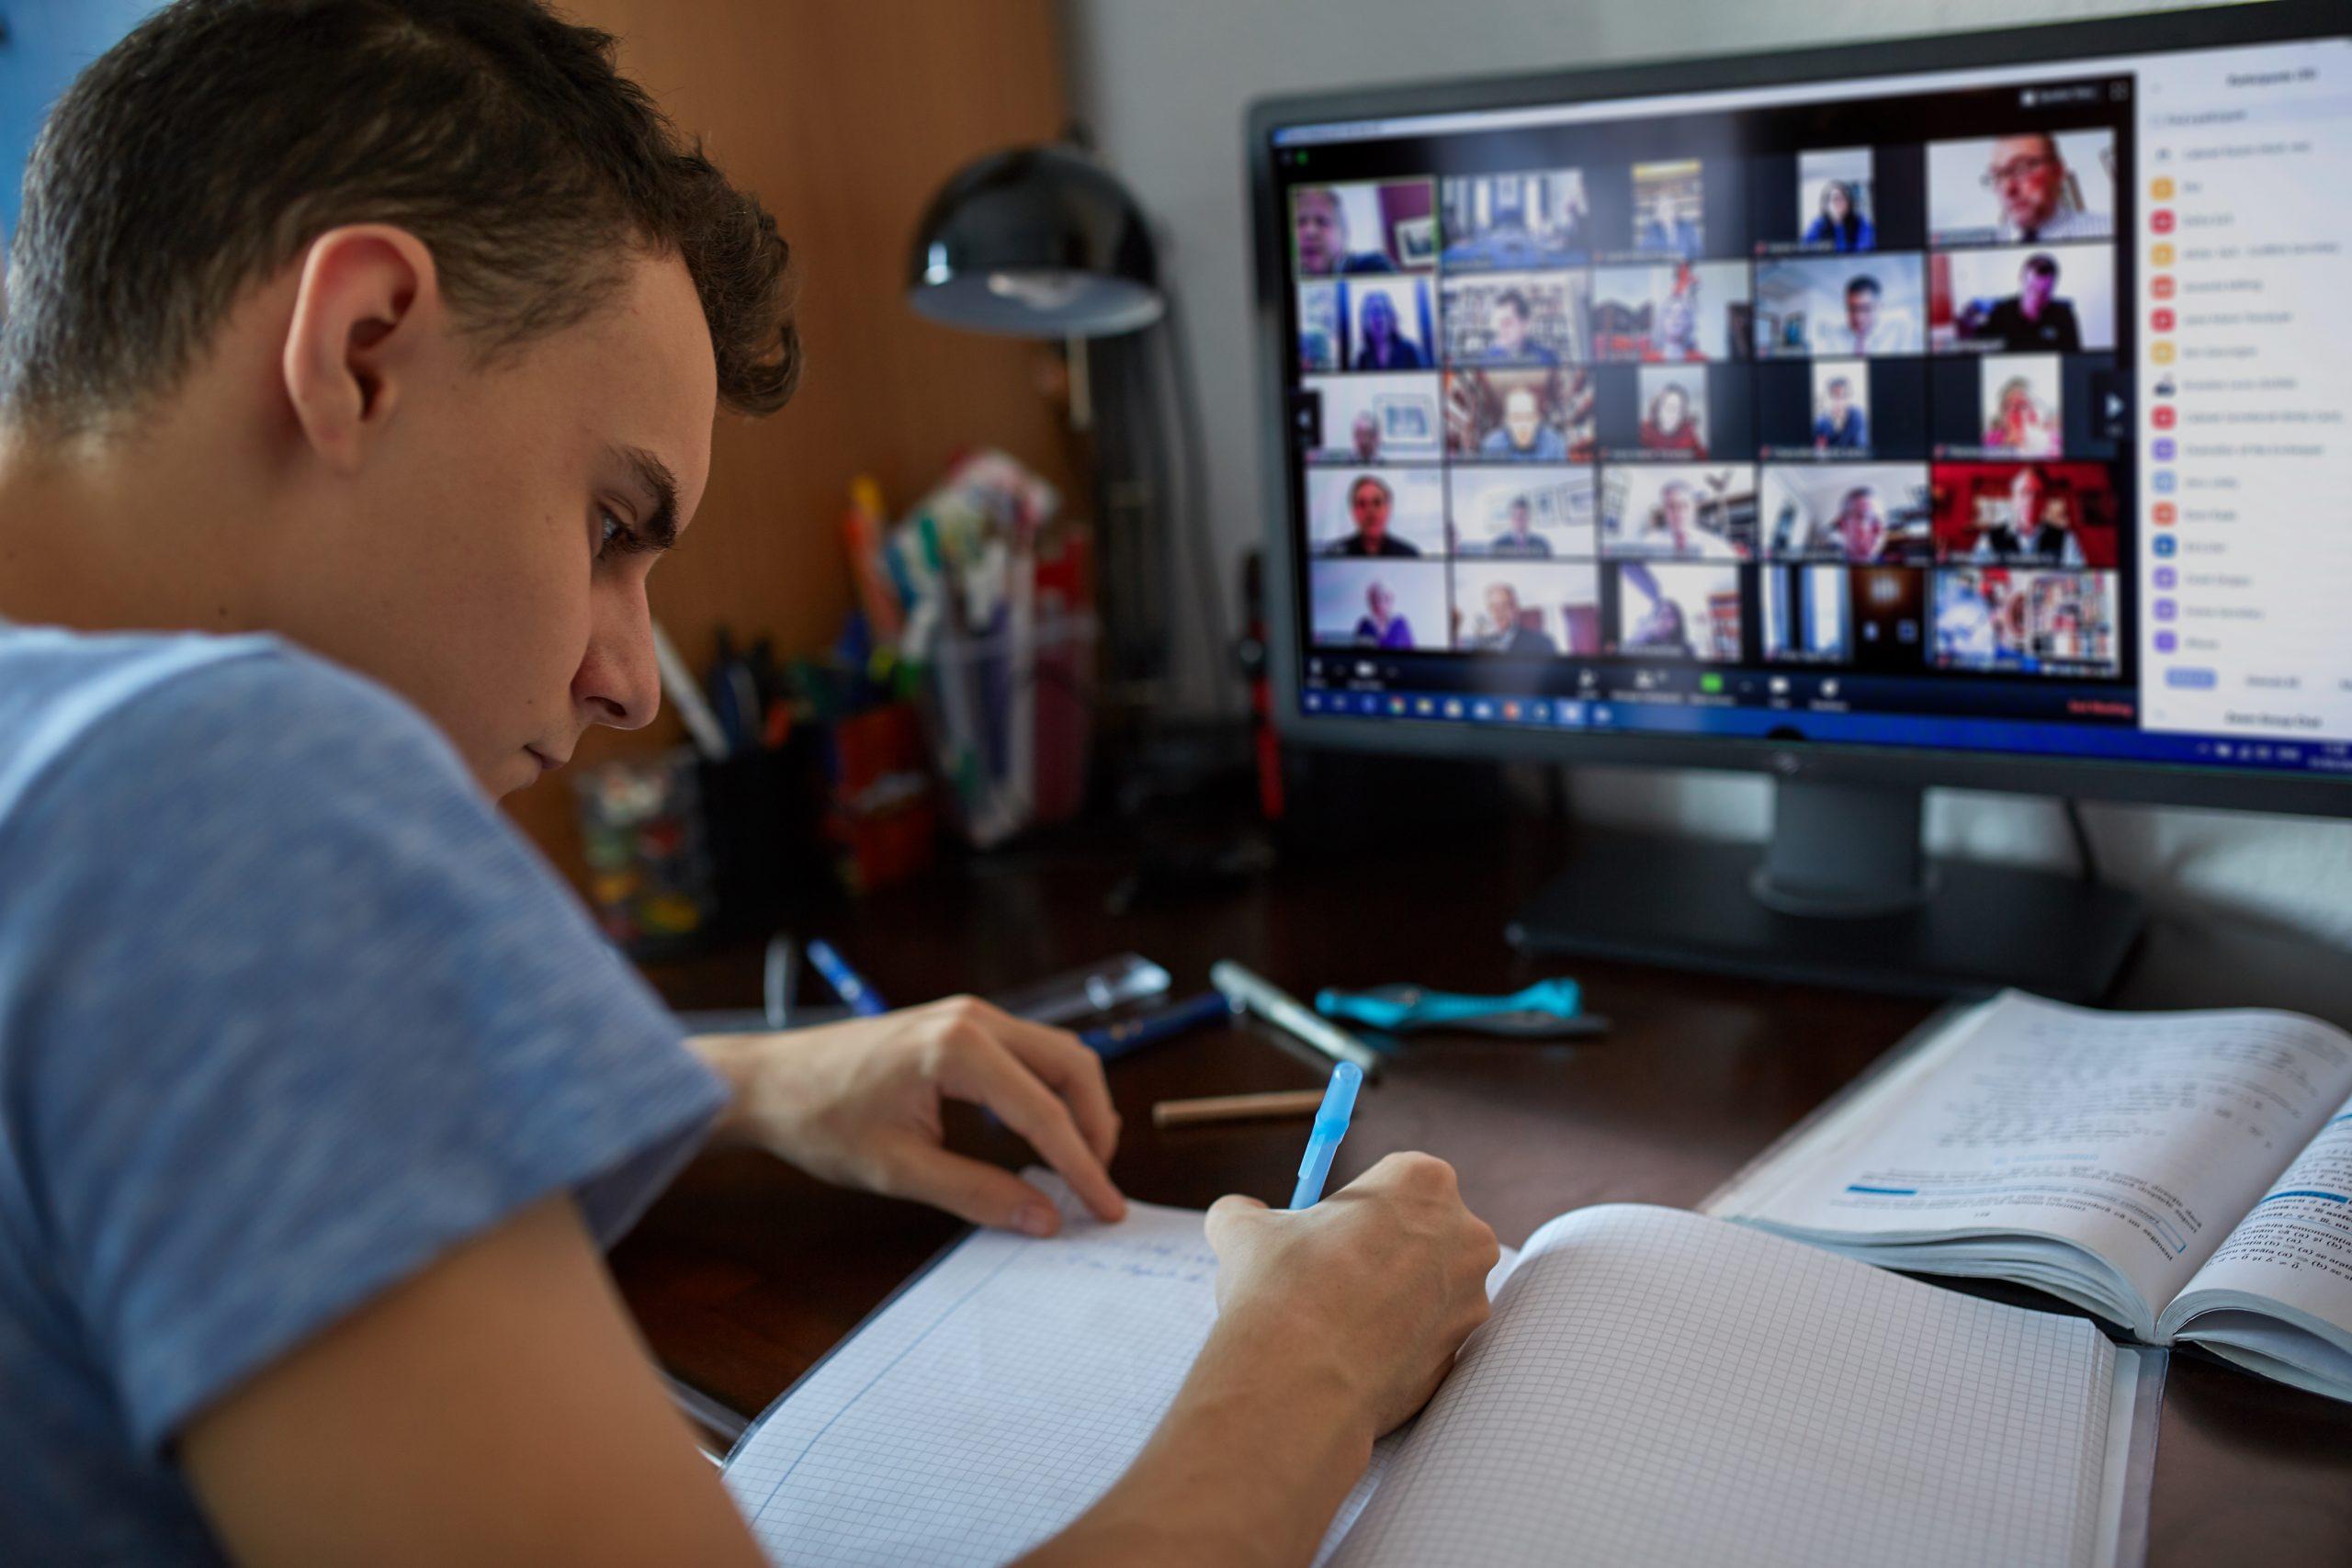 Mësovet.al: Përmirësimi i përvojës së të nxënit online në AFP